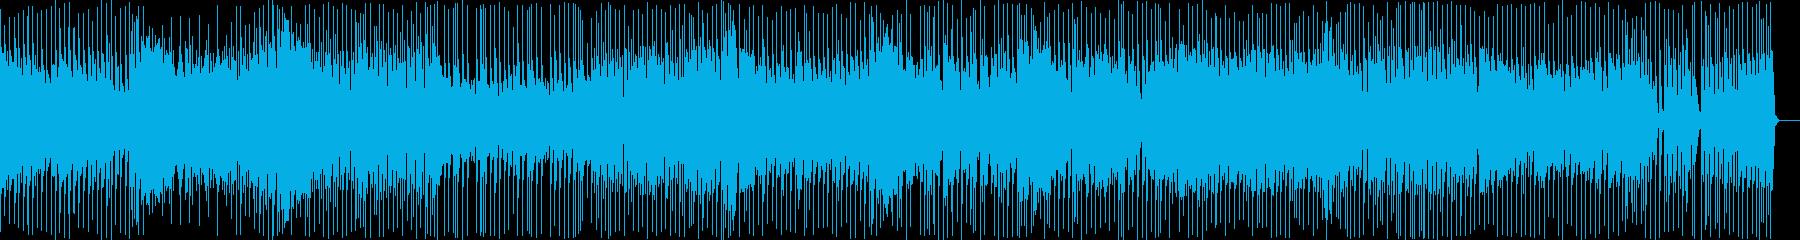 キャラ選択中をイメージしたテクノポップの再生済みの波形